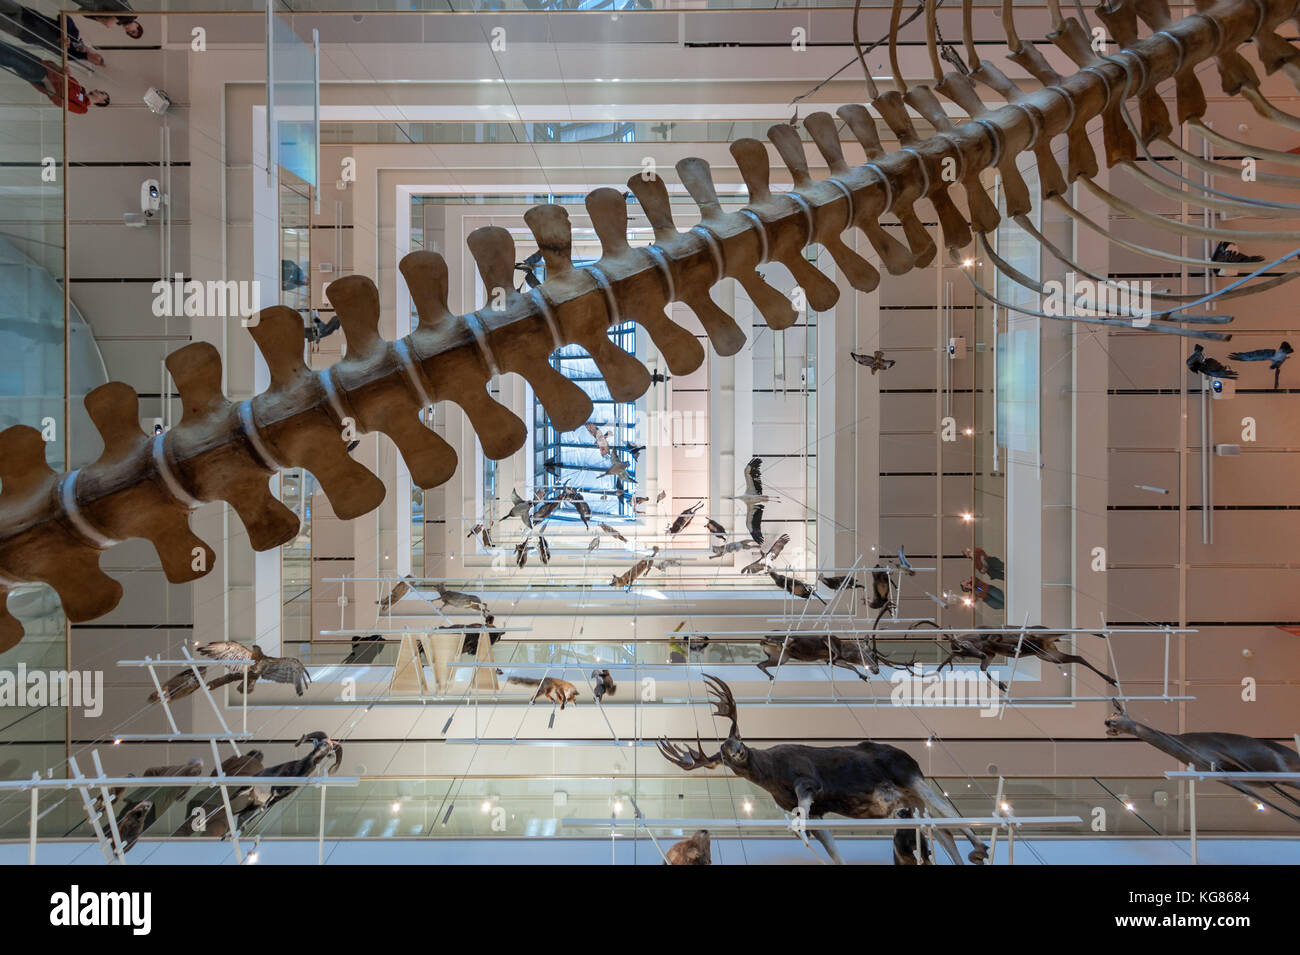 Fósiles de ballenas y cetáceos, exposición permanente. musa Museo delle Scienze Science Museum, Trento, Italia del norte, diseñado en 2013 por Renzo Piano Foto de stock